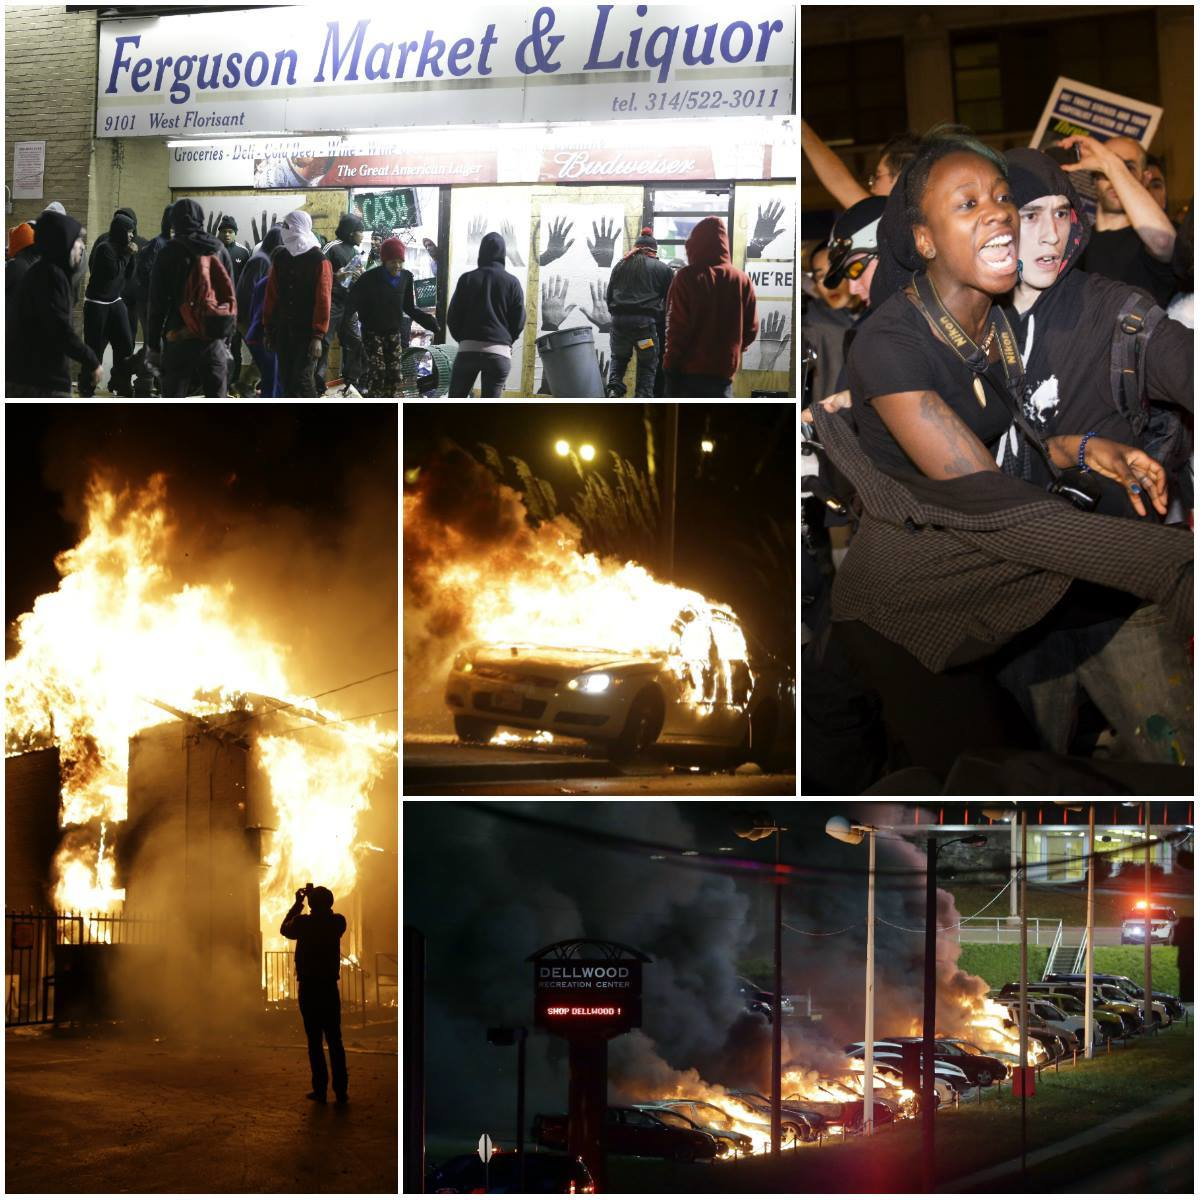 Fires in Ferguson